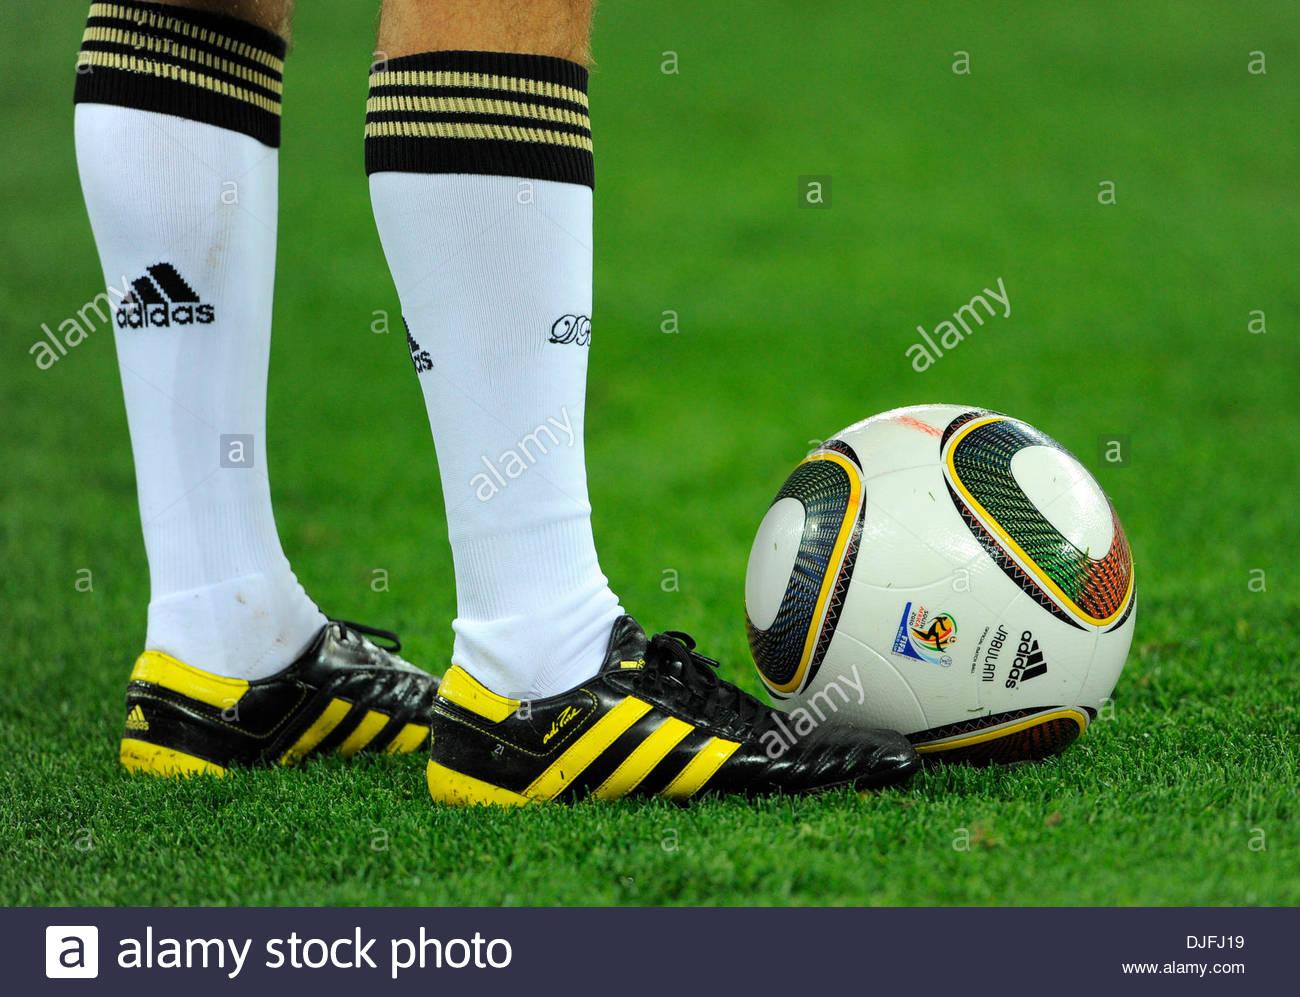 Adidas Stiefel Socken Und Offizielle Ball Detail Fifa Wm 2010